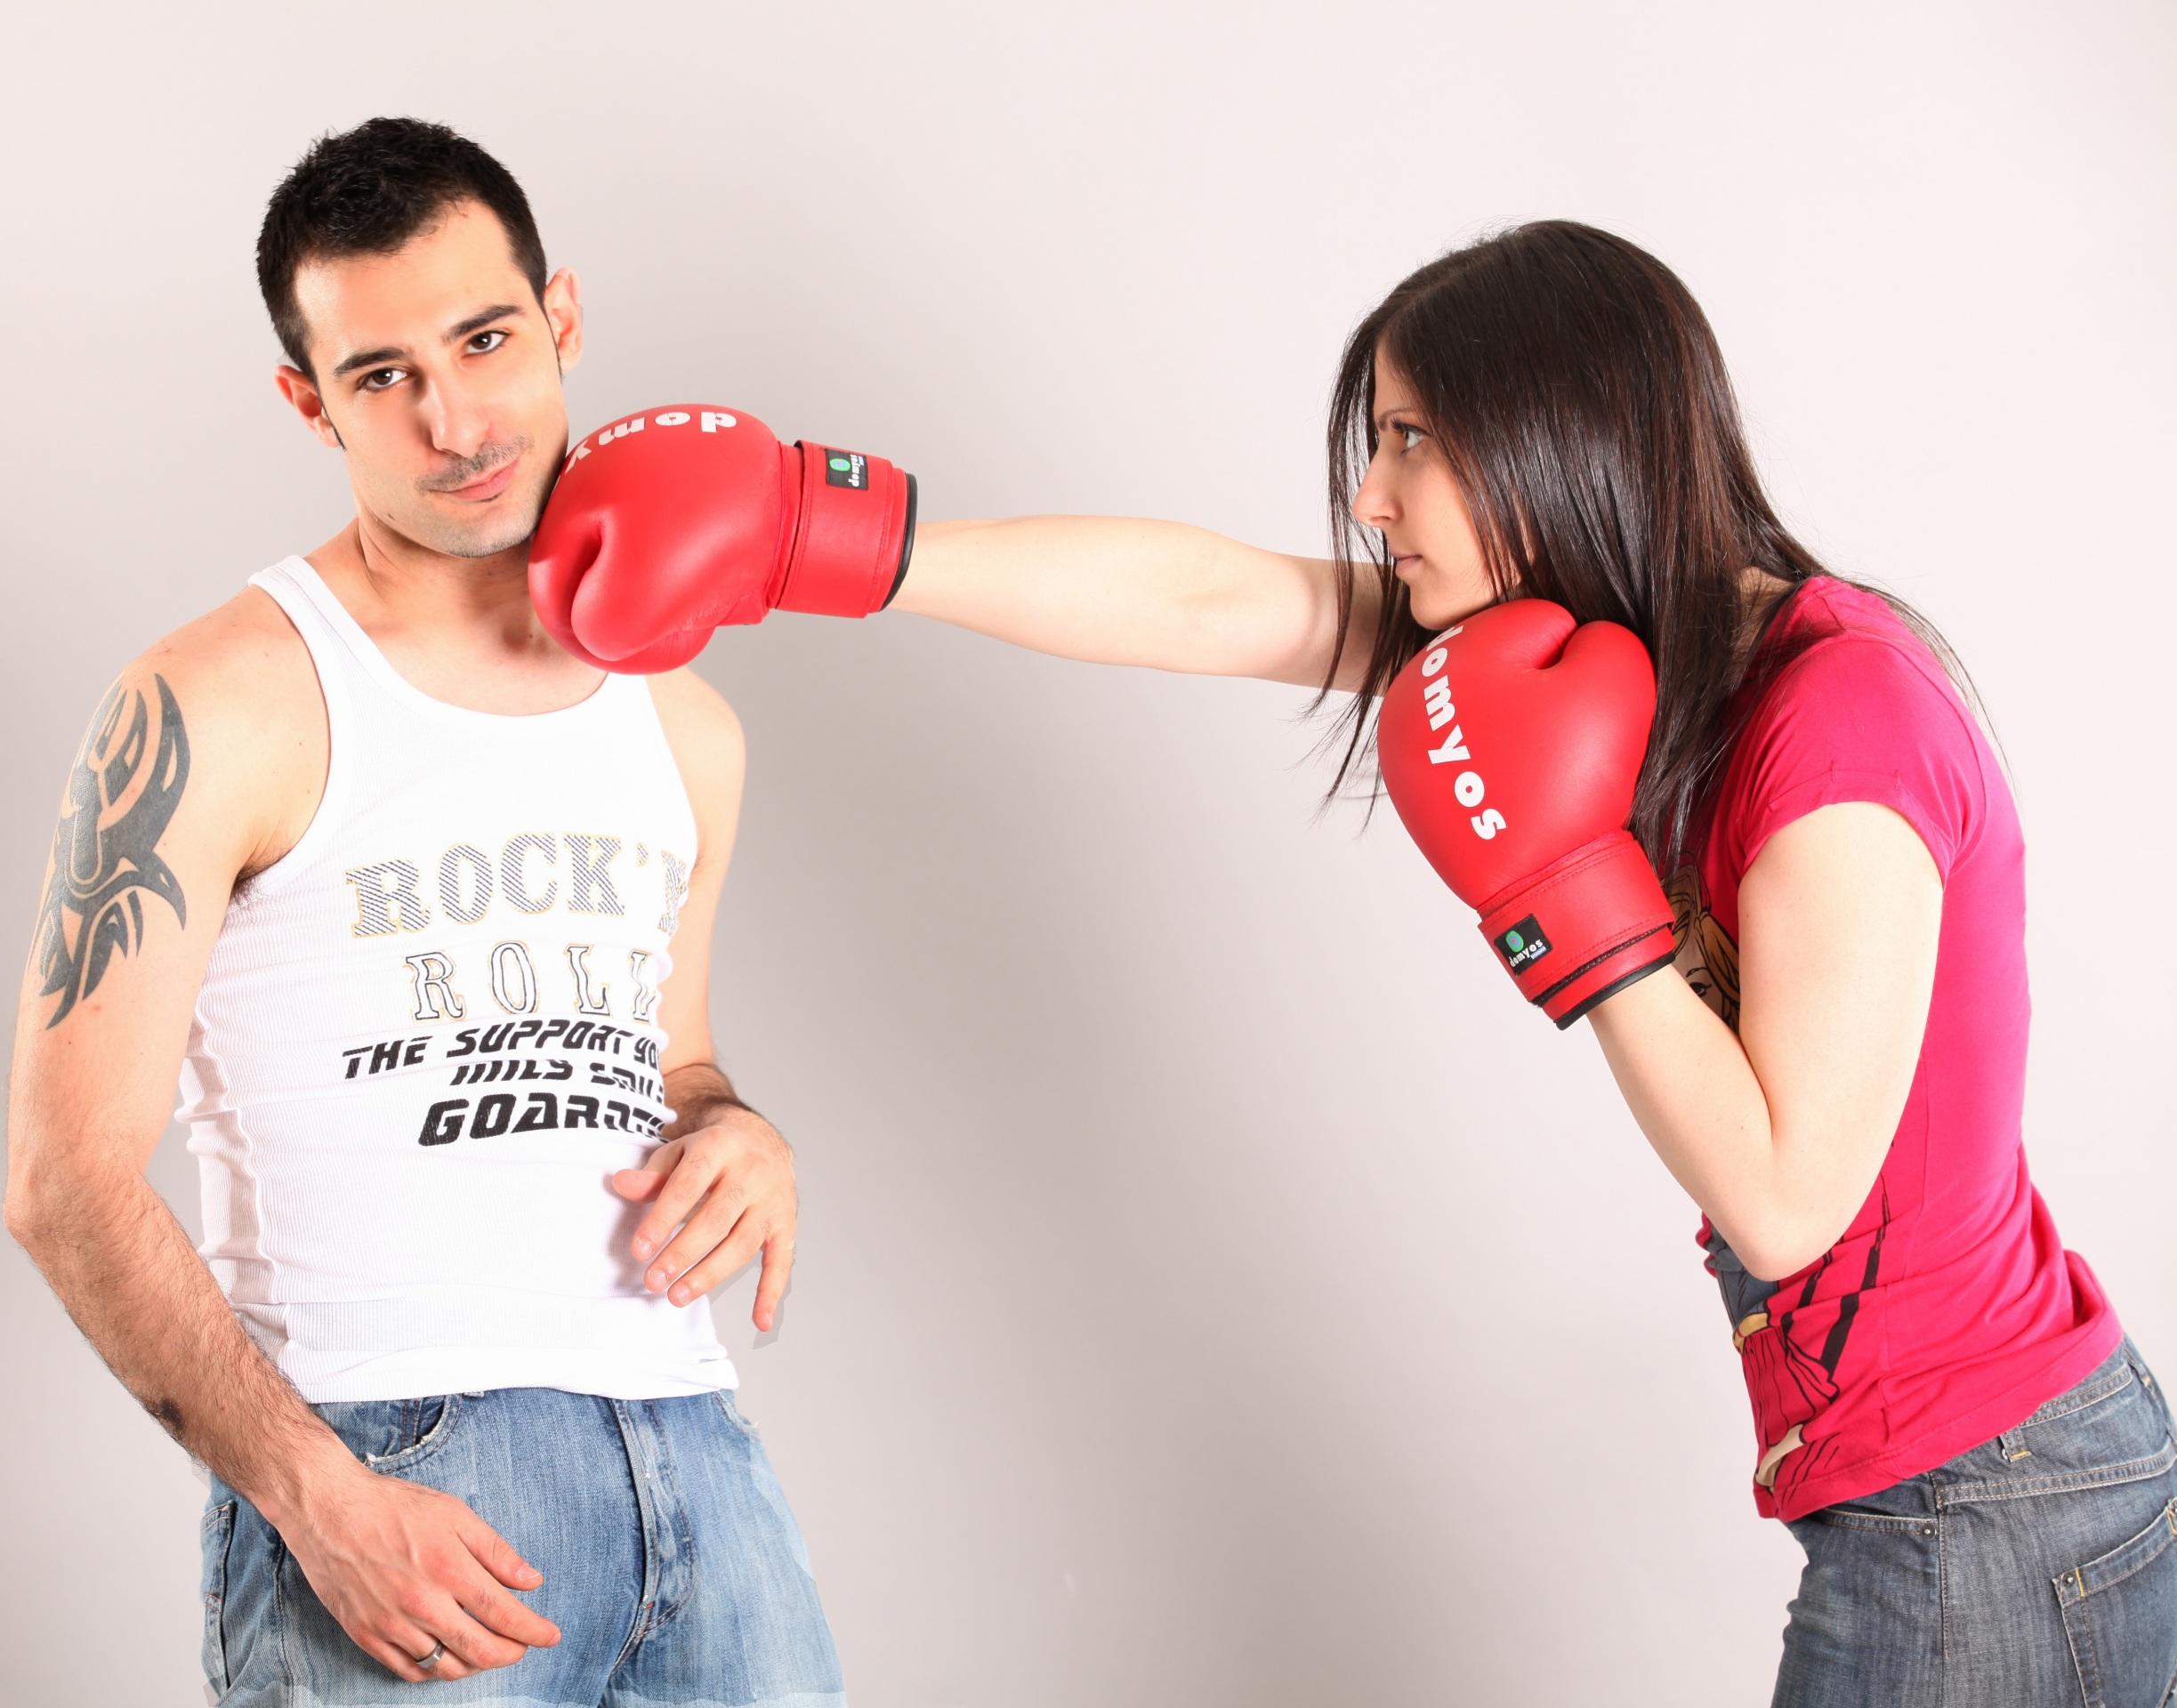 Обои Татуировки Мужчины Перчатки Бьет Двое Девушки Бокс Майка 2447x1920 тату Удар Ударяет 2 вдвоем